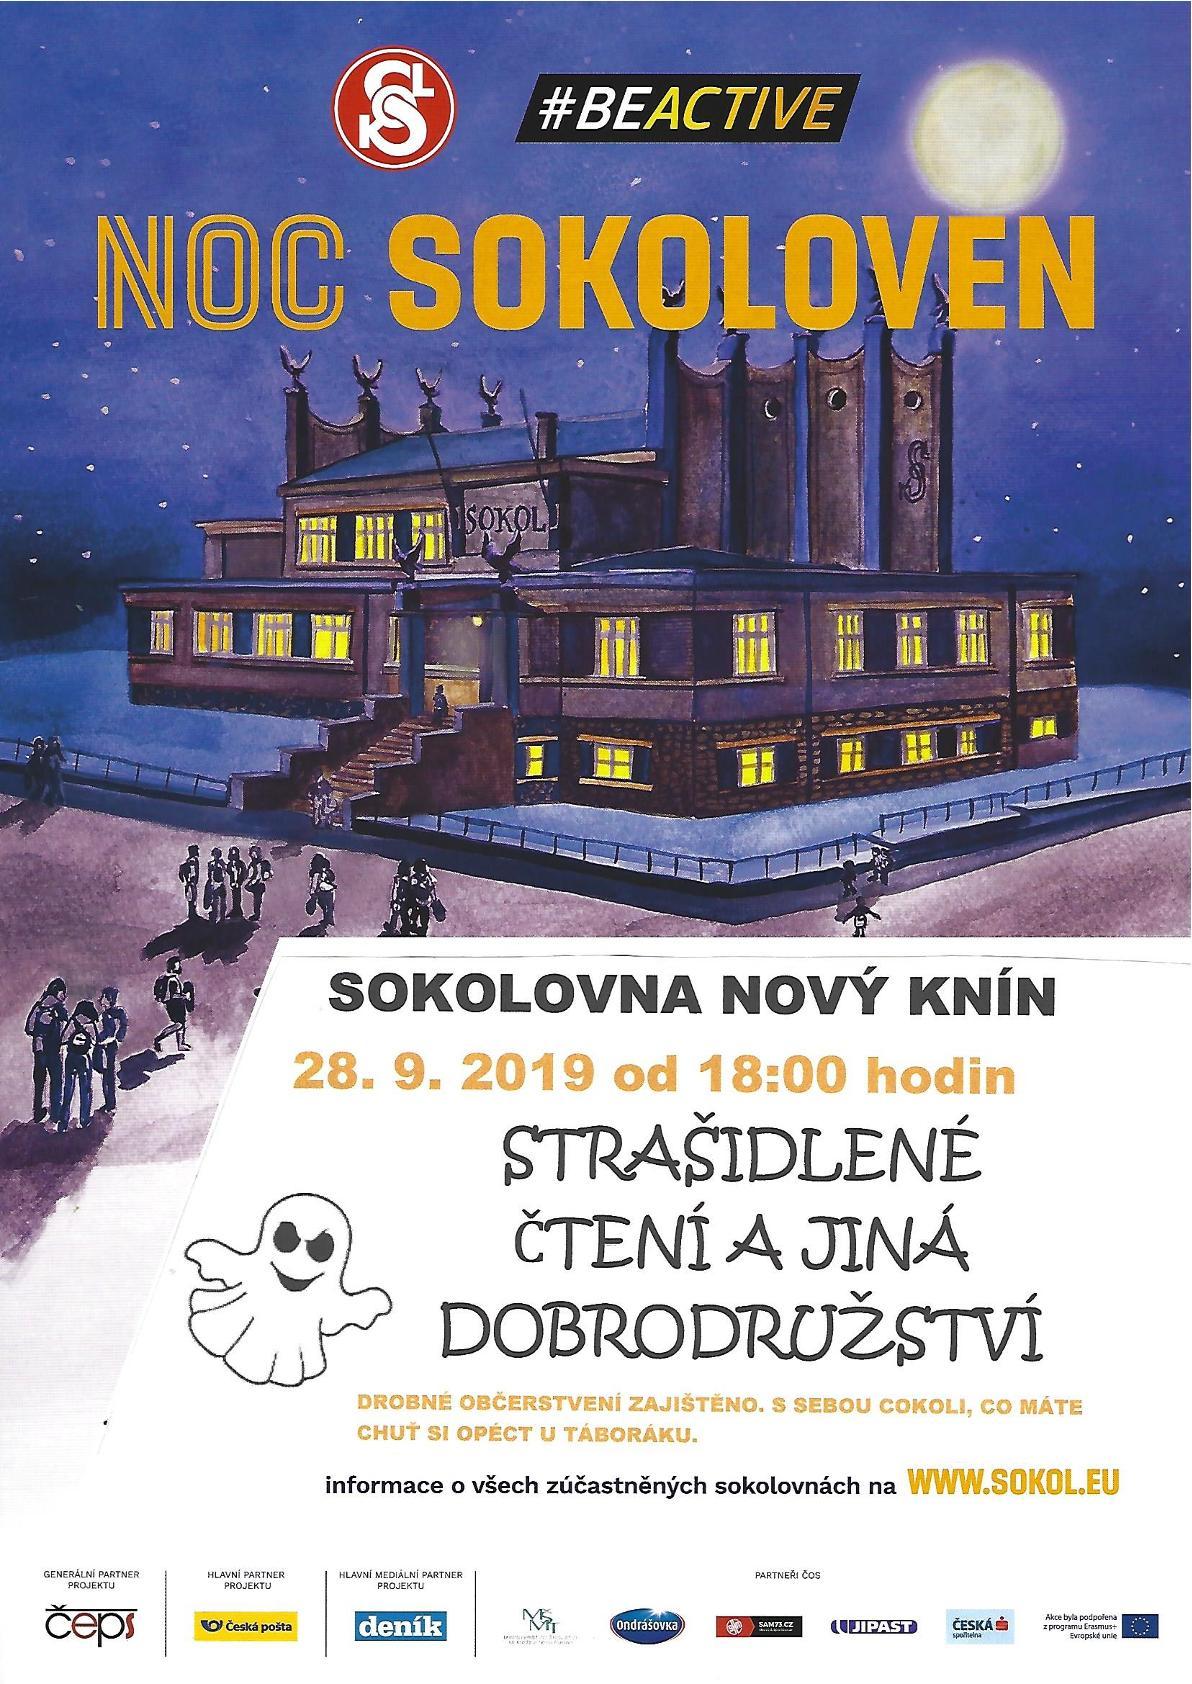 Noc sokoloven 2019 (2)